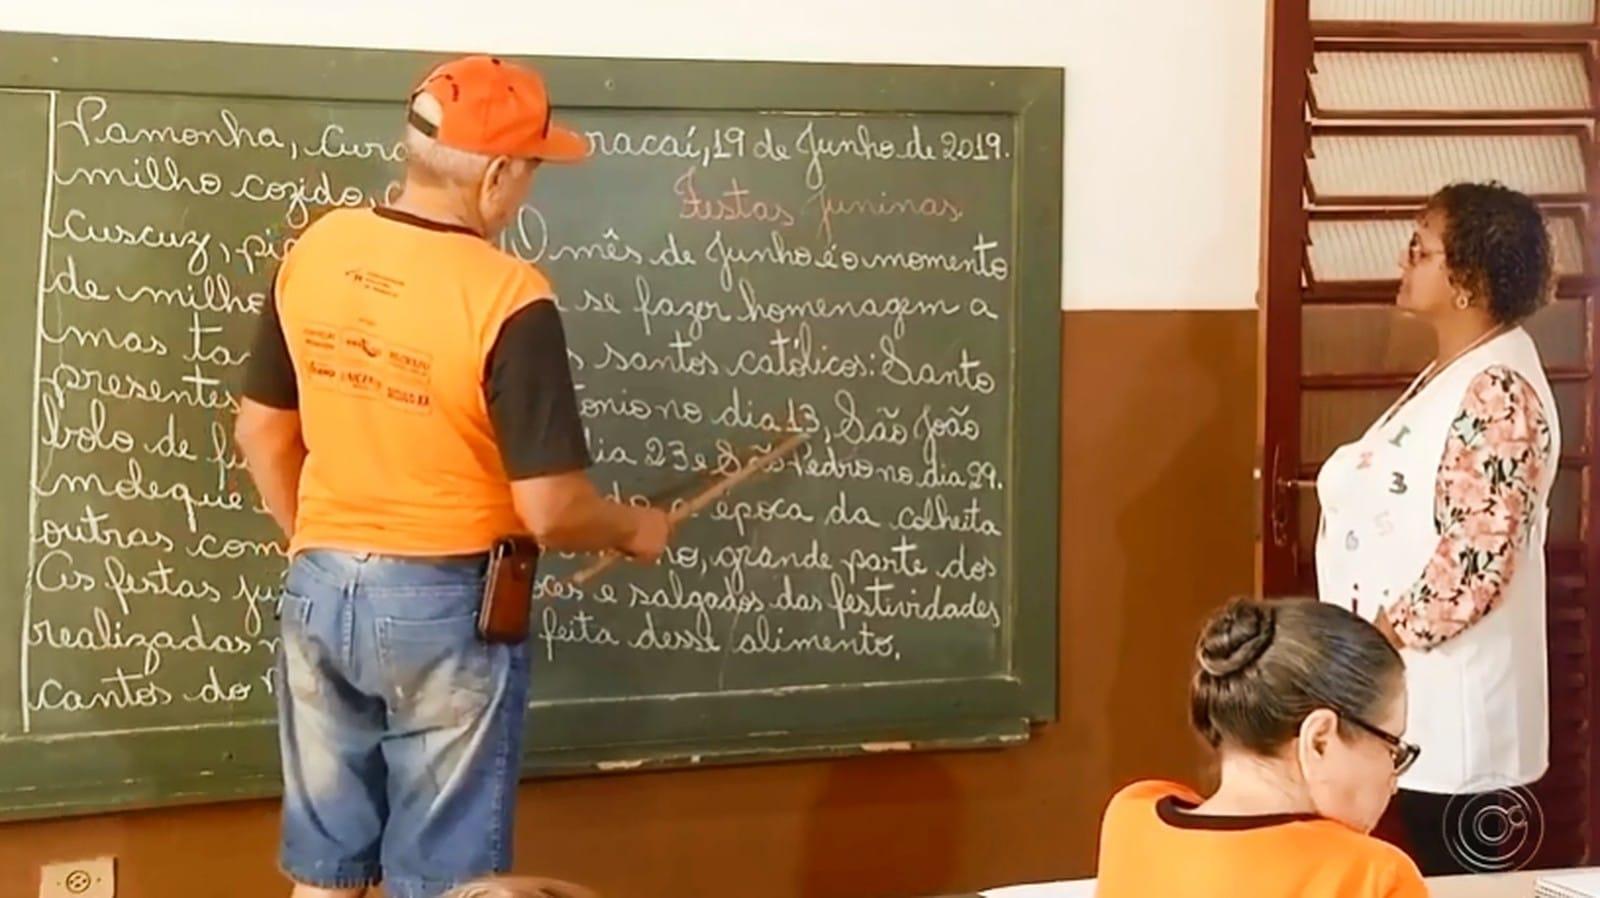 Único requisito para fazer parte do 'Alegria de Saber' é ter vontade de aprender — Foto: Reprodução/TV TEM